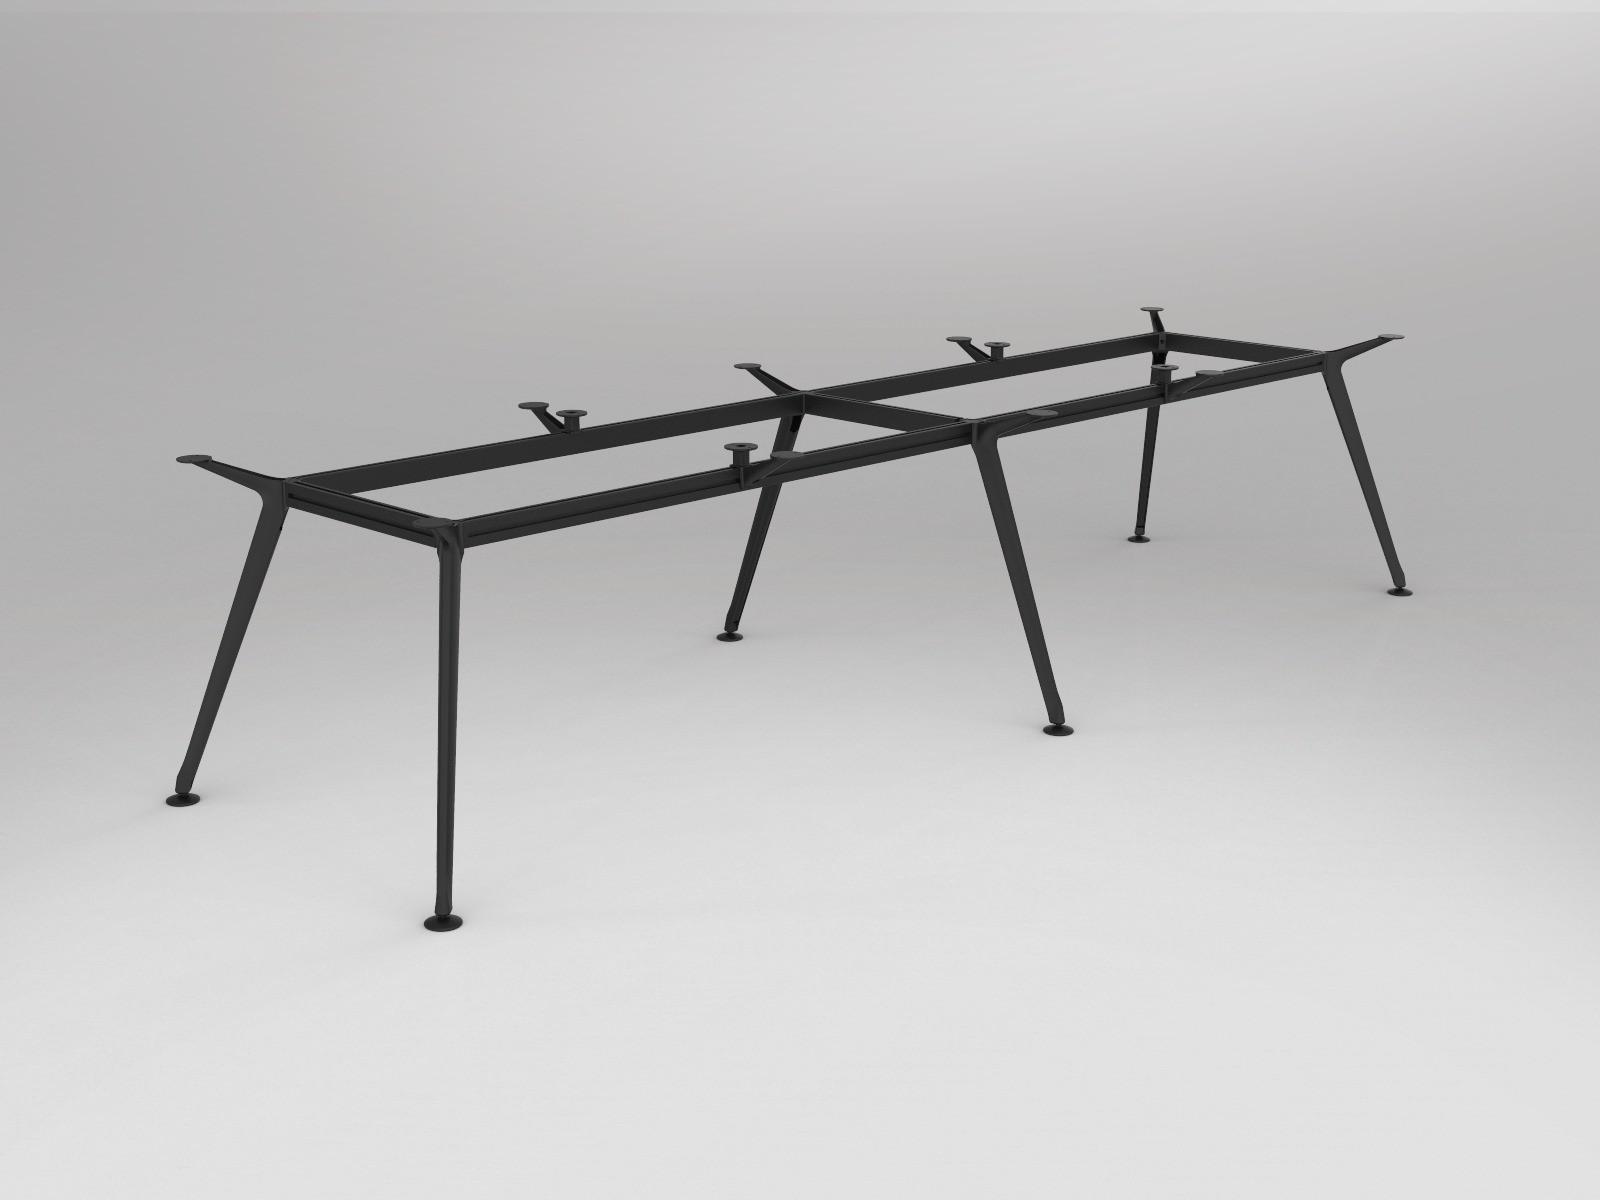 OL Team Meeting Boardroom Table Frame 6 Legs Suite Table Top